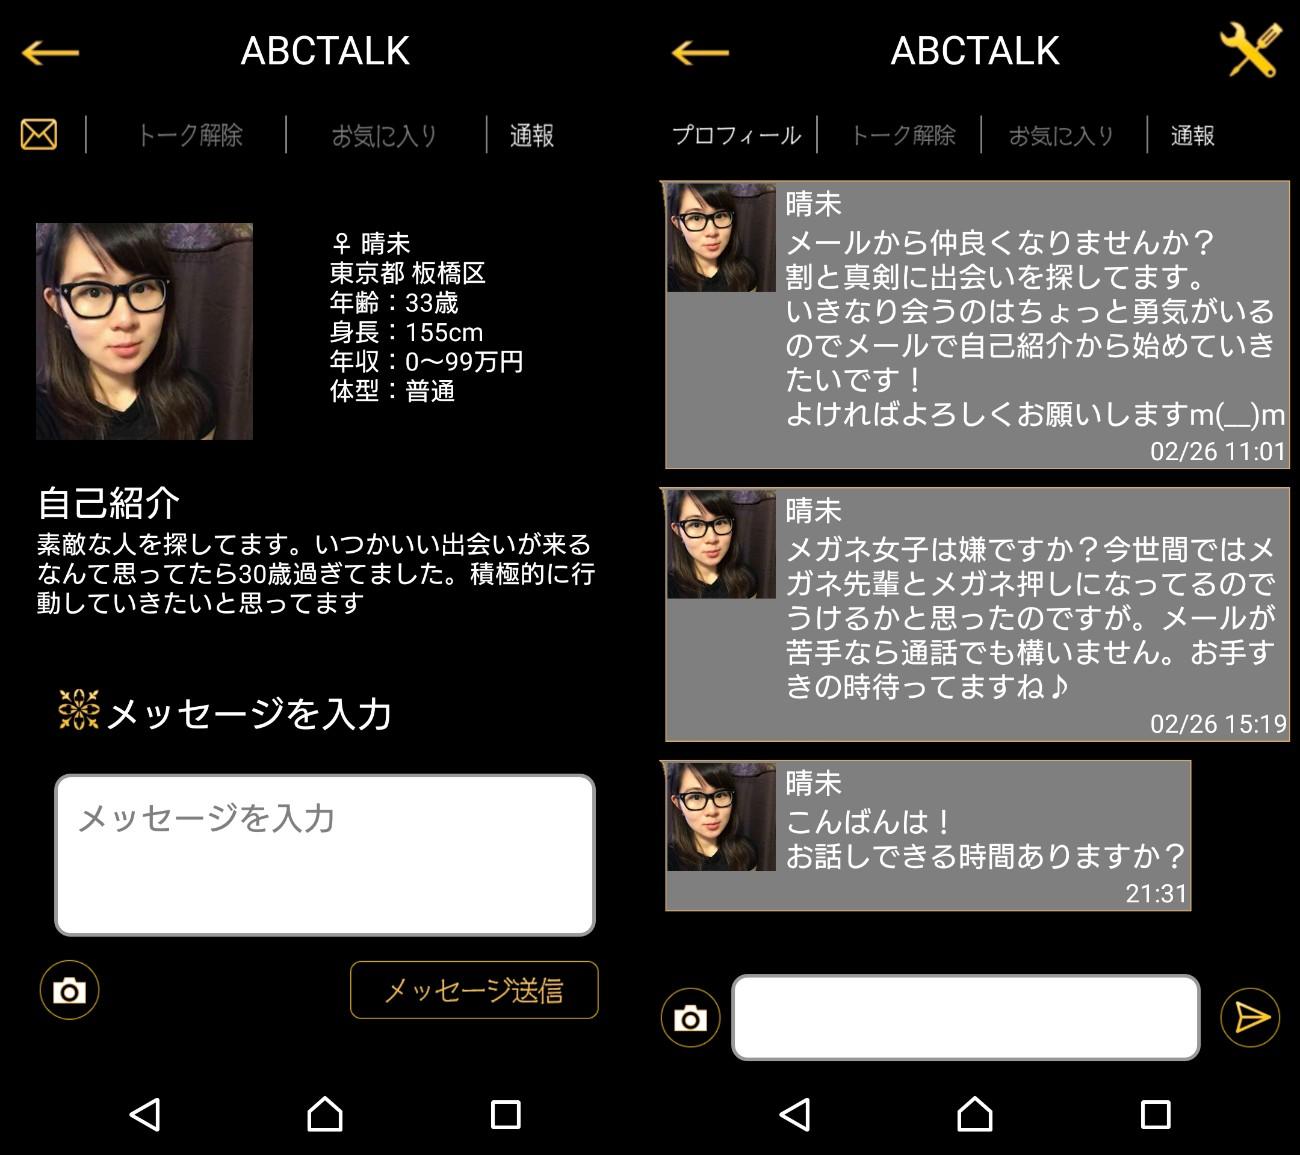 悪質出会い系アプリ「ABCTALK」サクラ